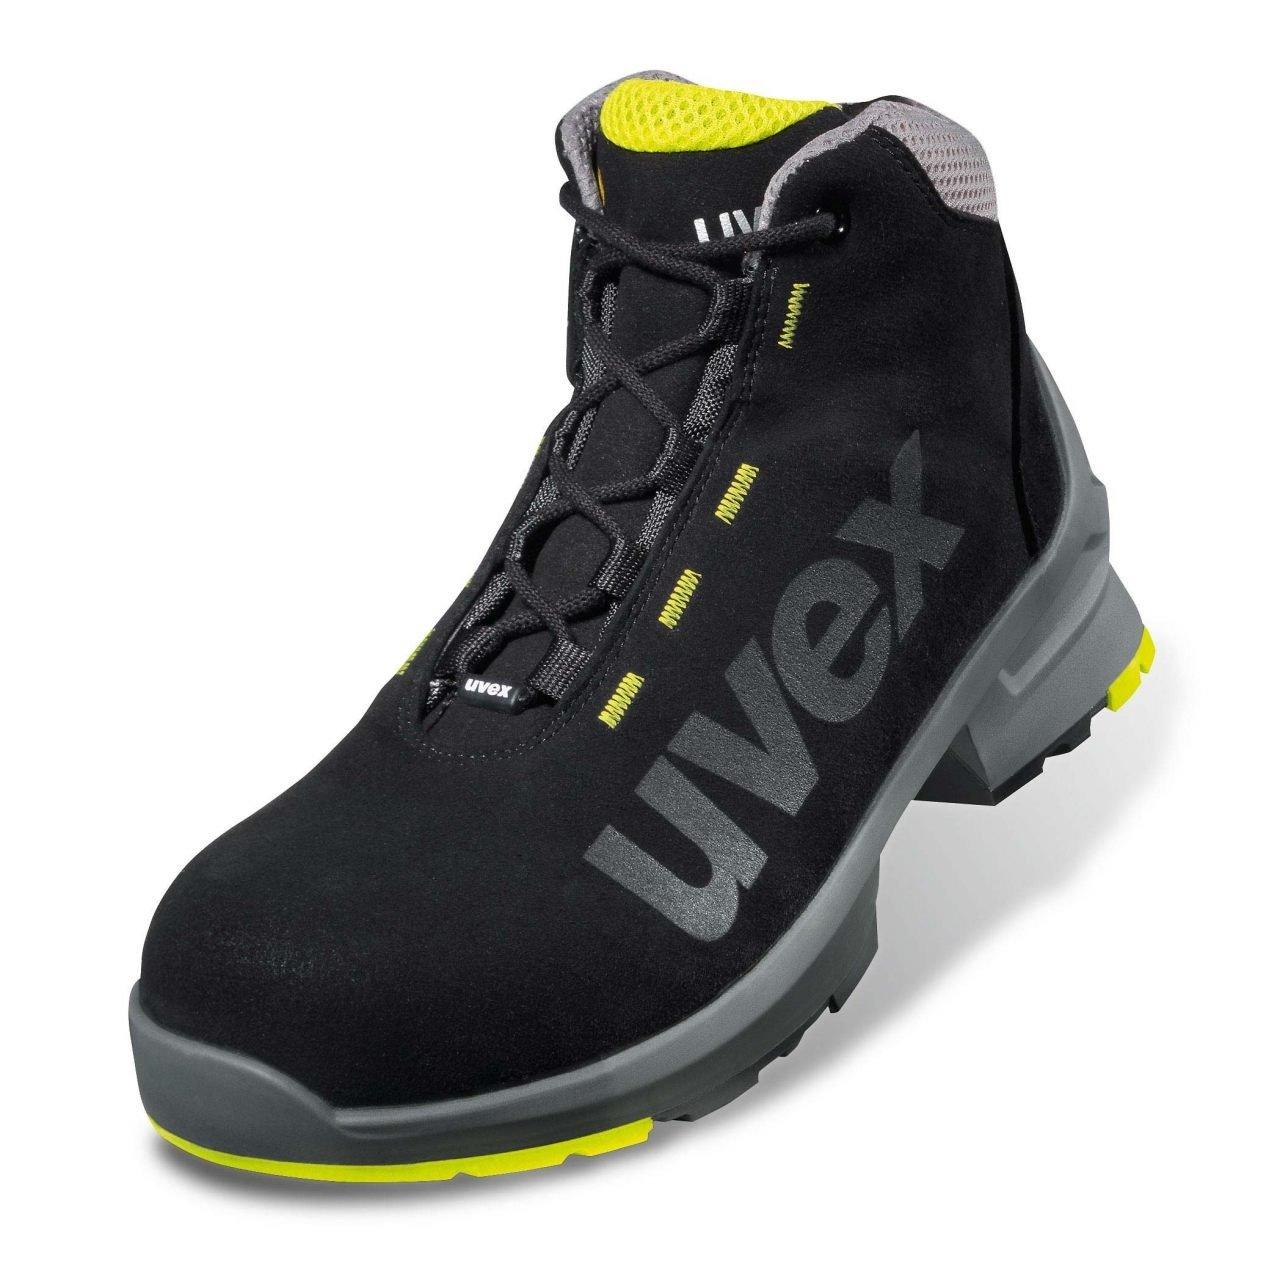 Uvex 1 14 Schnürstiefel 8545.0 S2 SRC Weite 14 1 45 Schwarz Schwarz 93f46f